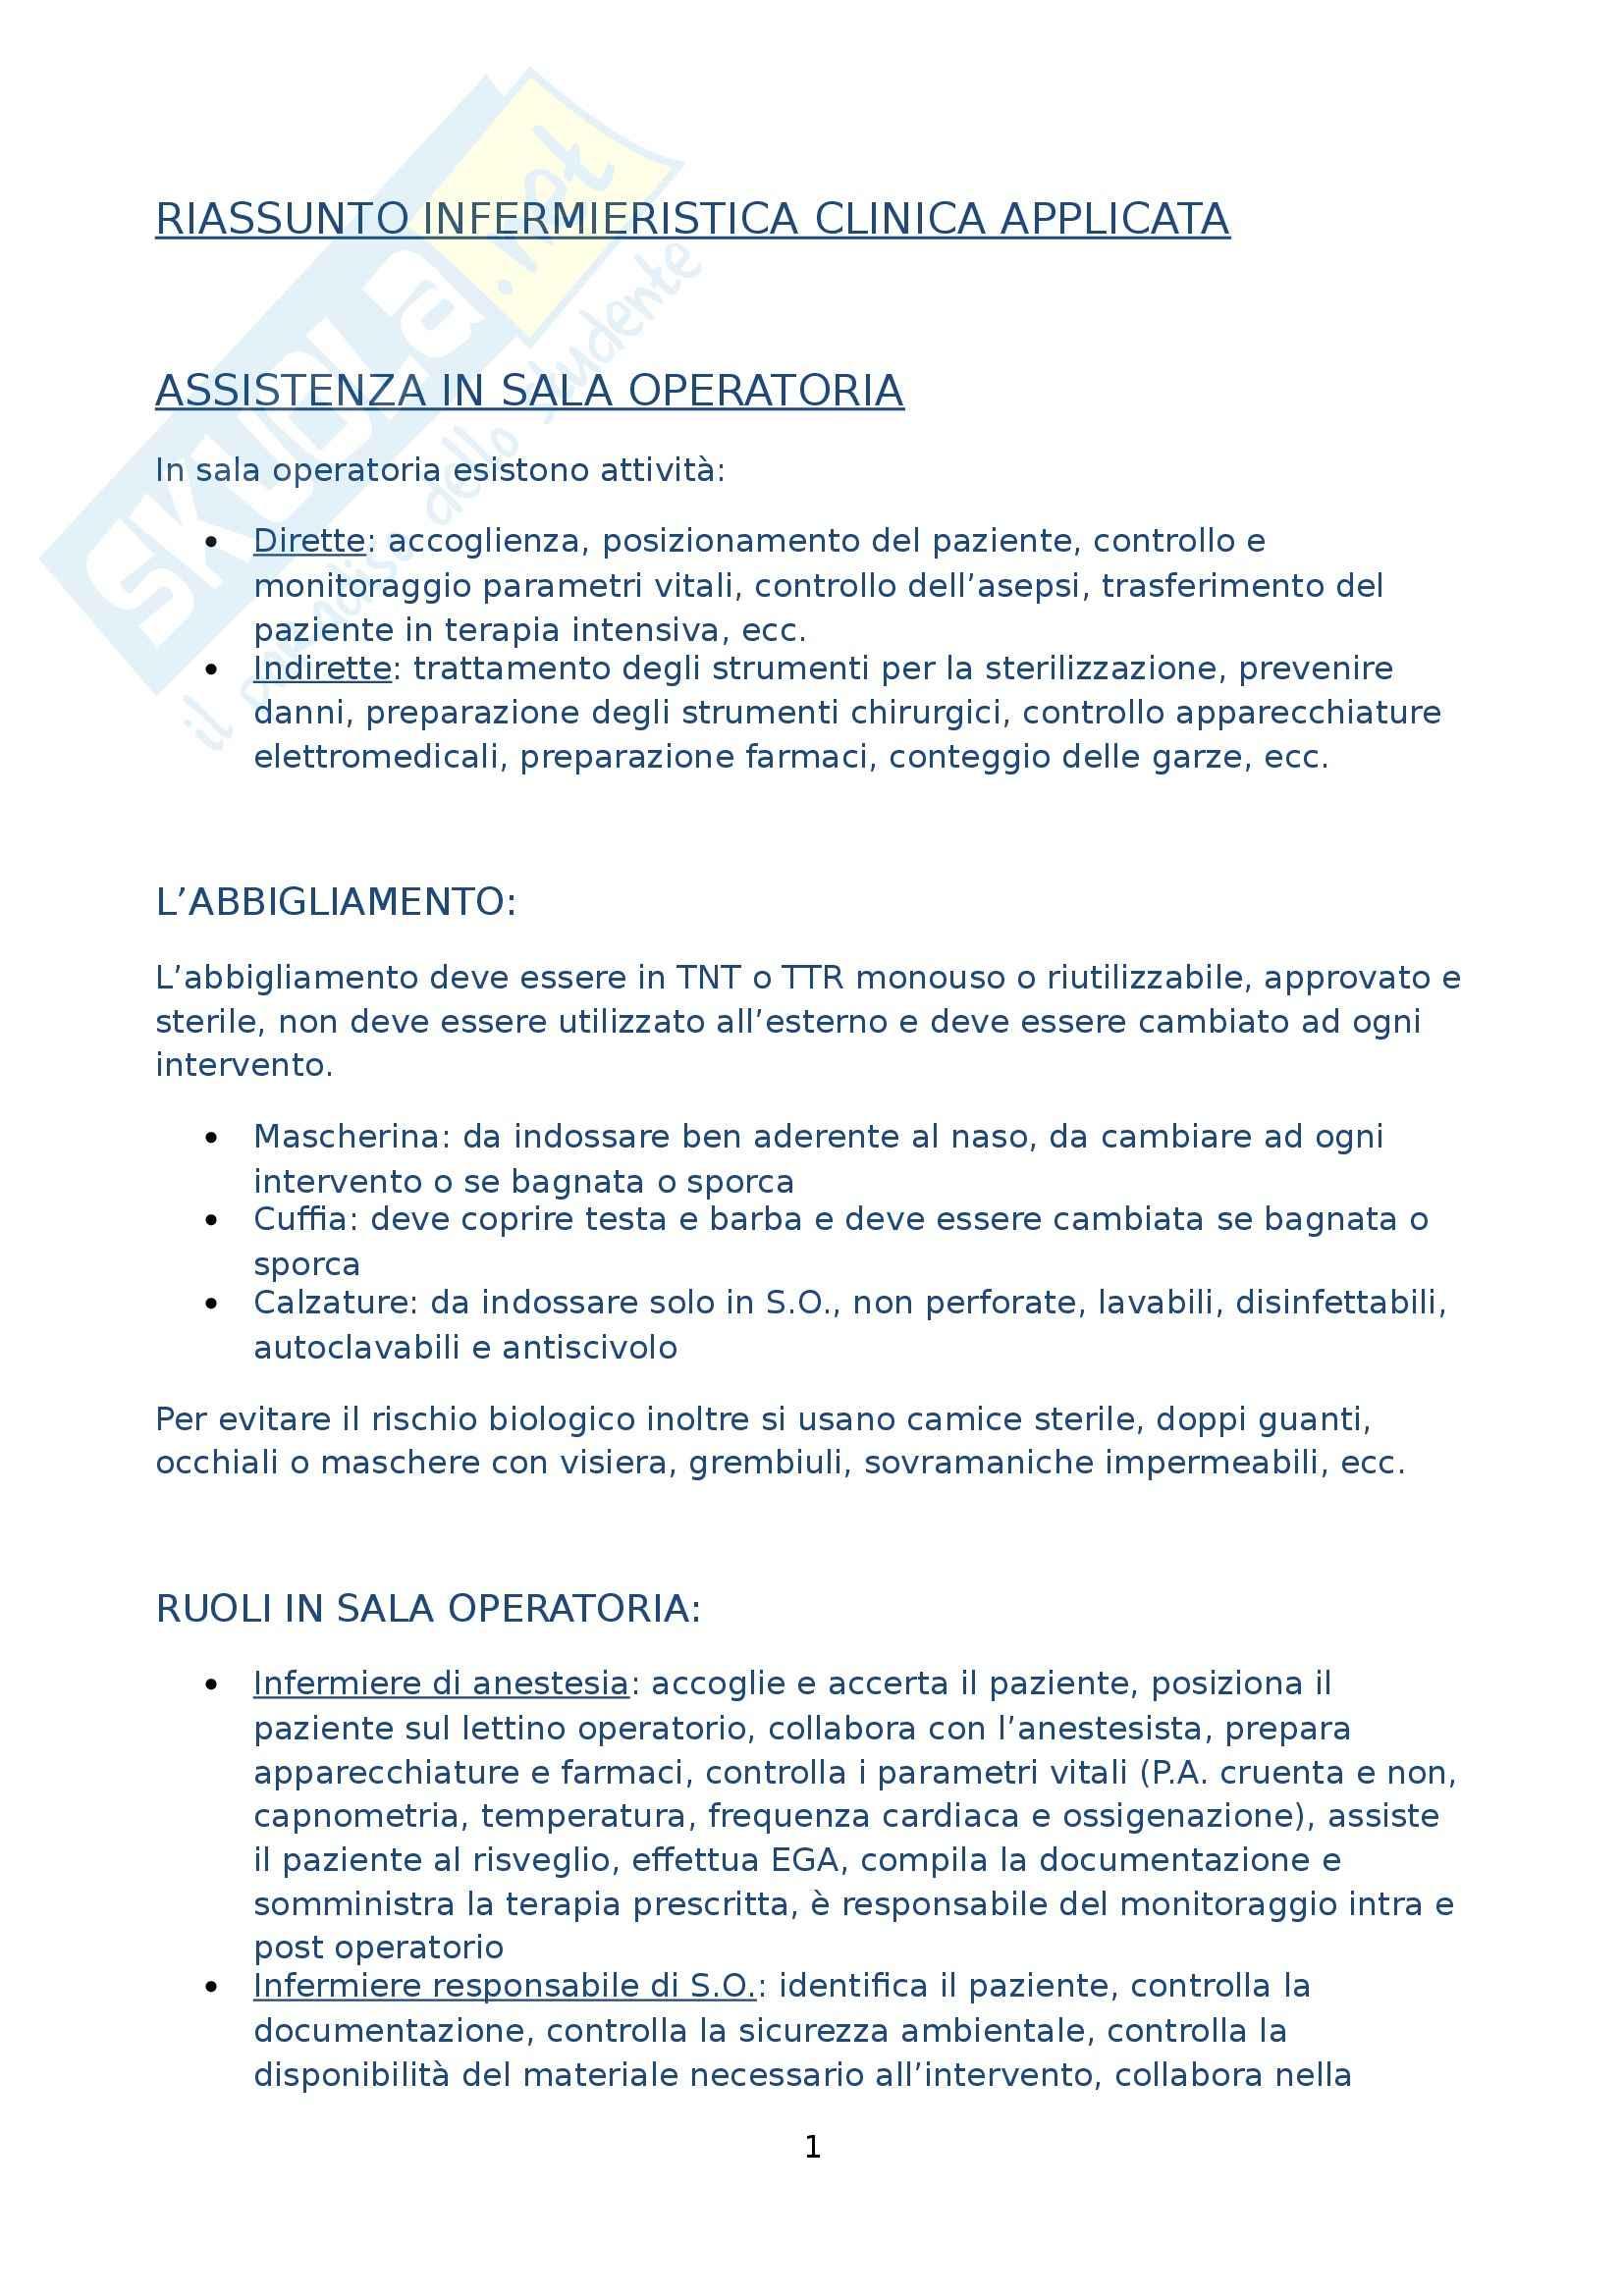 Infermieristica clinica 1 - Appunti